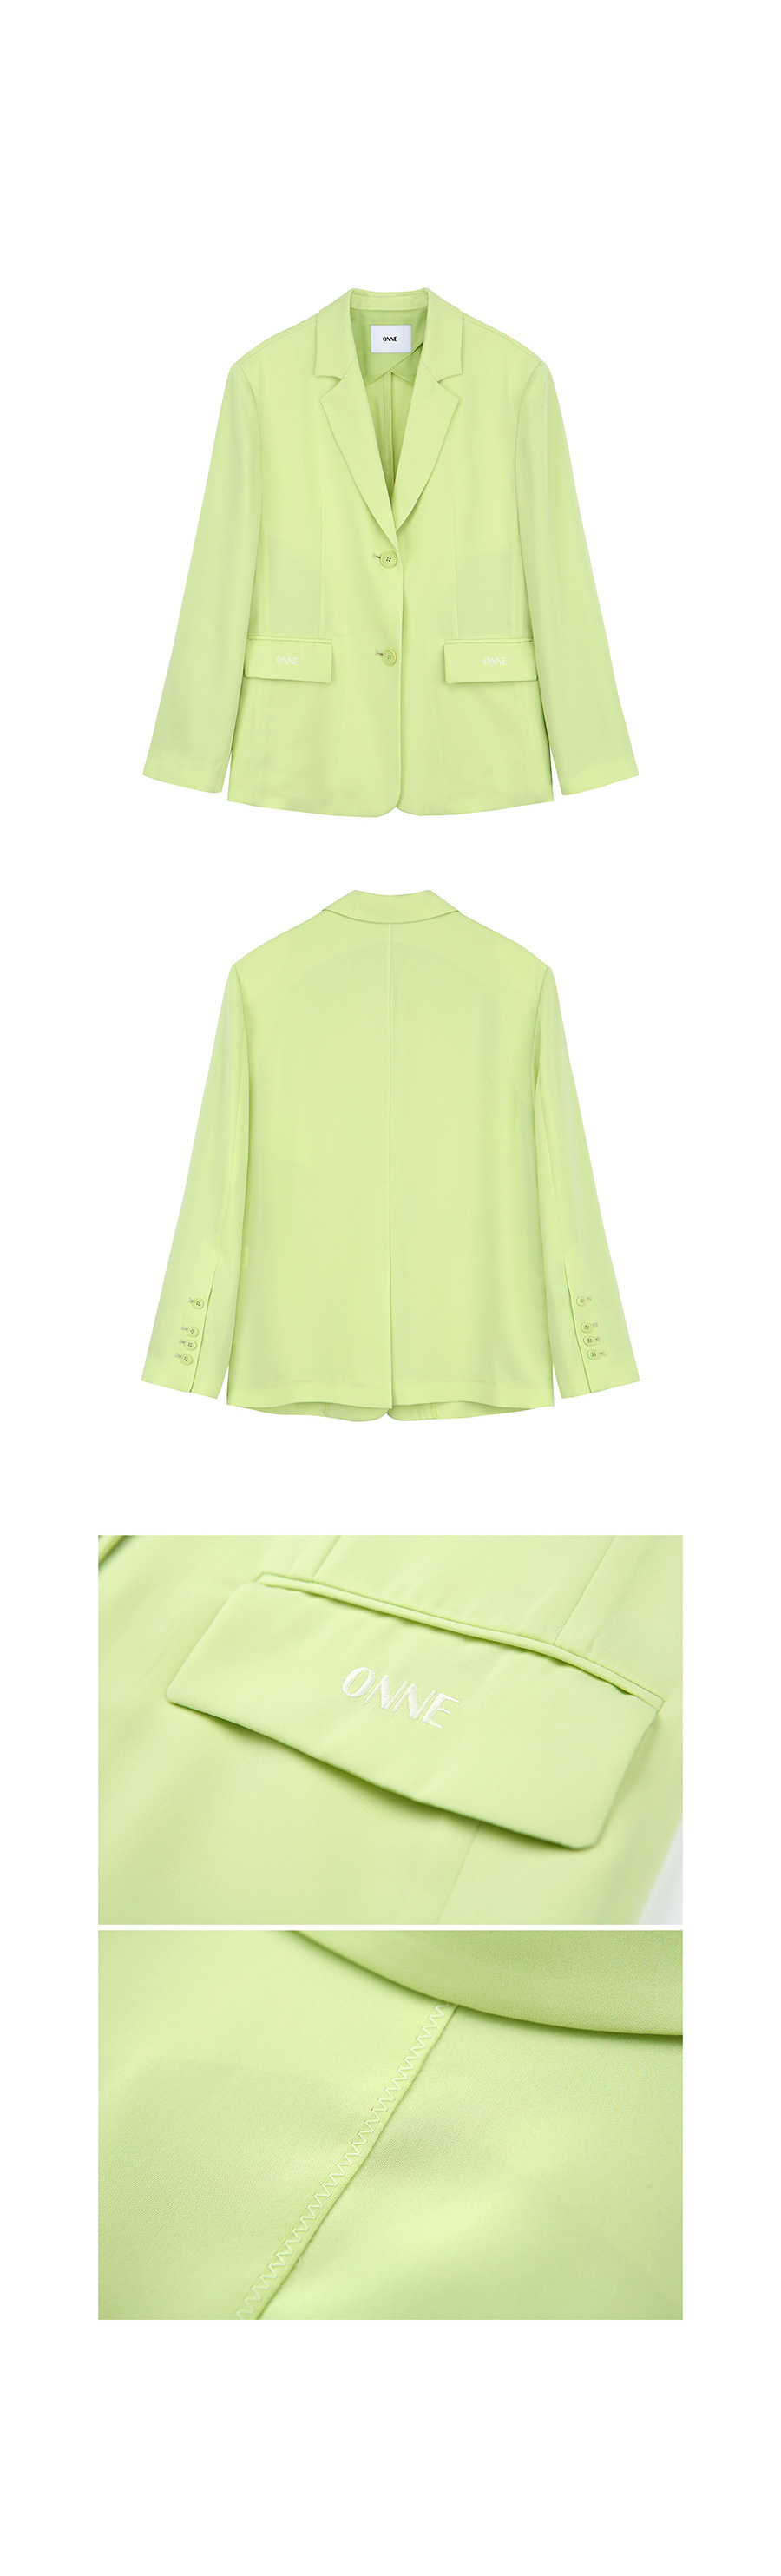 온느(ONNE) ONNE Zigzag Pointed Jacket Lime